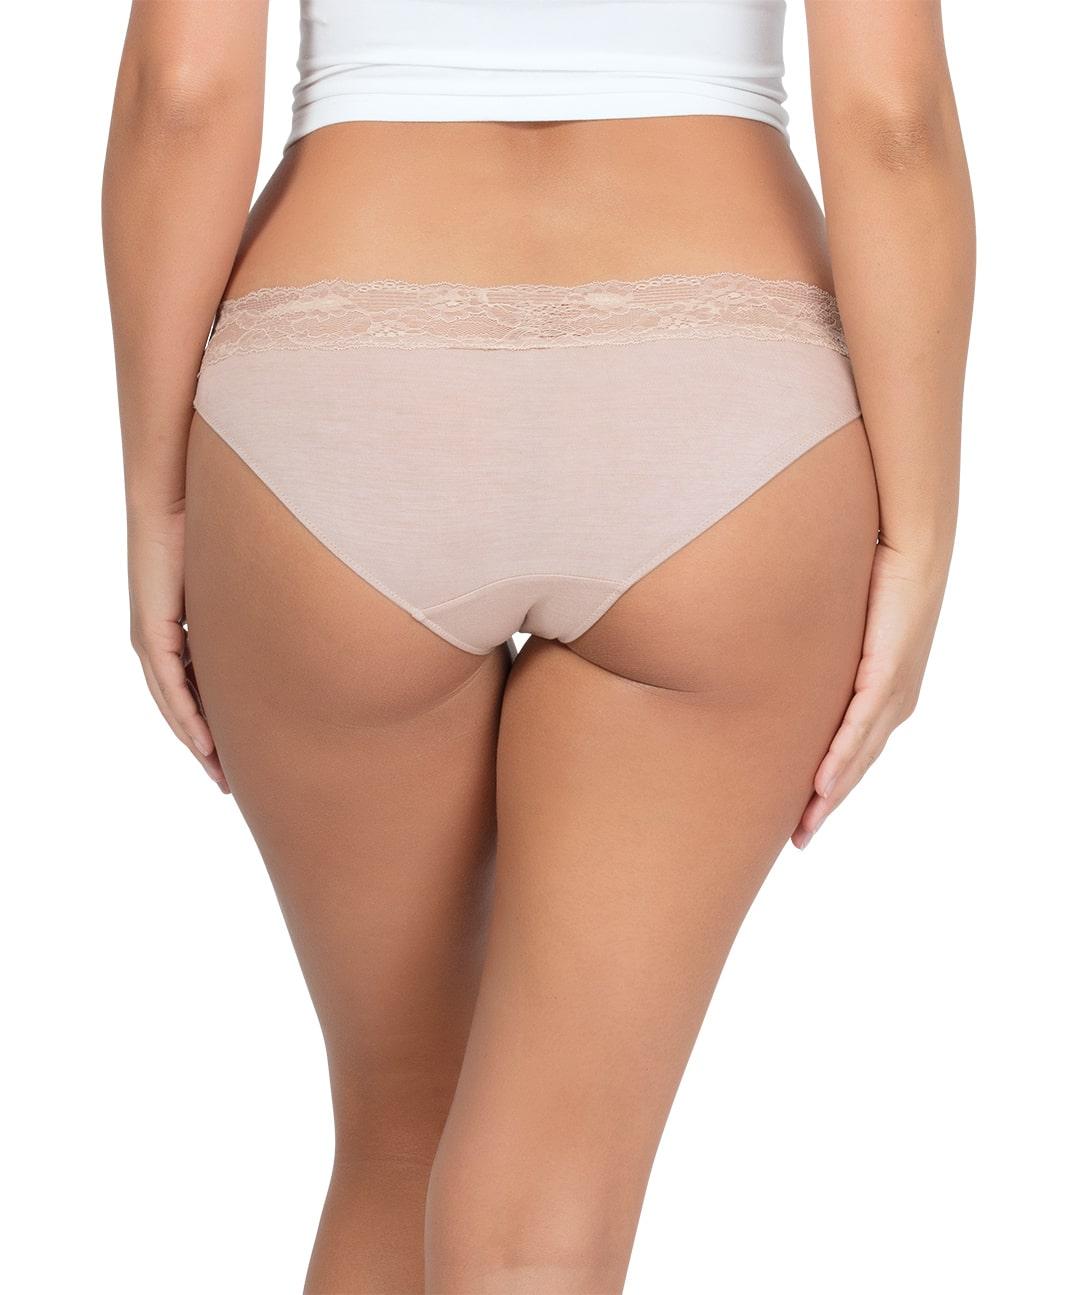 PARFAIT ParfaitPanty SoEssential BikiniPP303 Bare Back2 - Parfait Panty So Essential Bikini- Bare - PP303